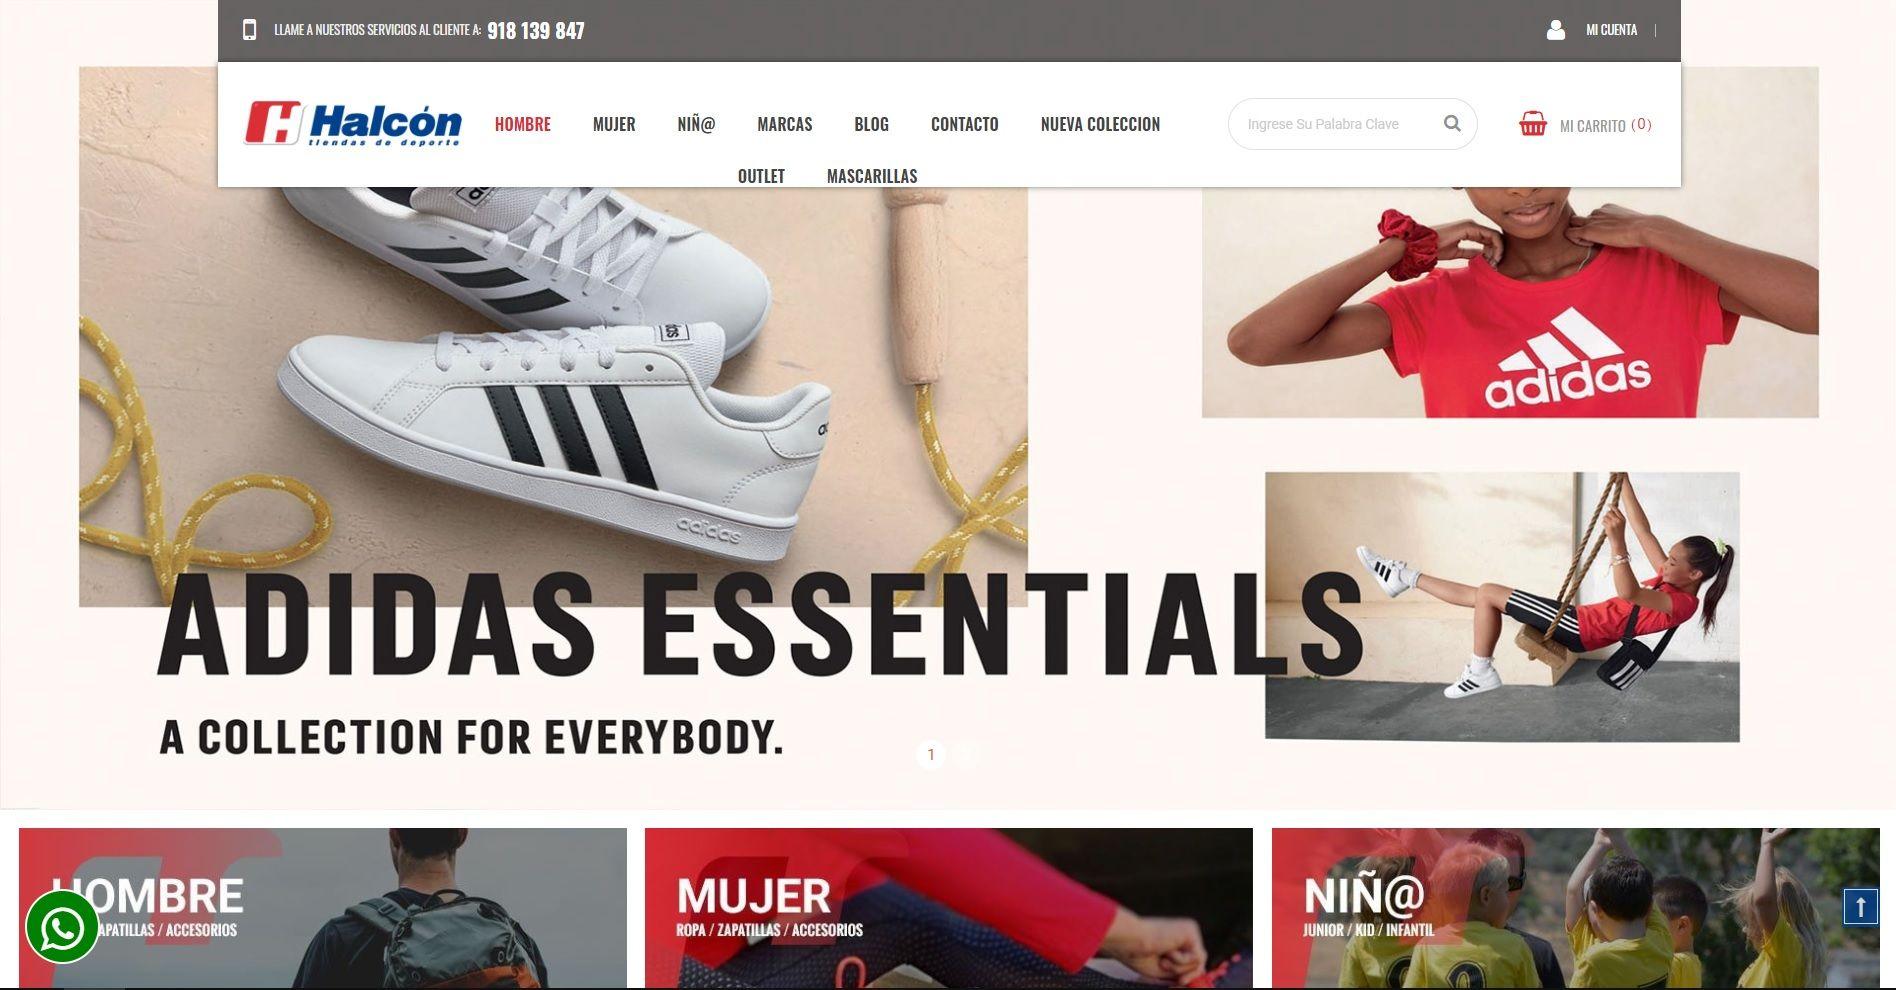 Halcon Tiendas de Deporte 'endulza' su colección de moda con descuentos del 30% a la segunda unidad